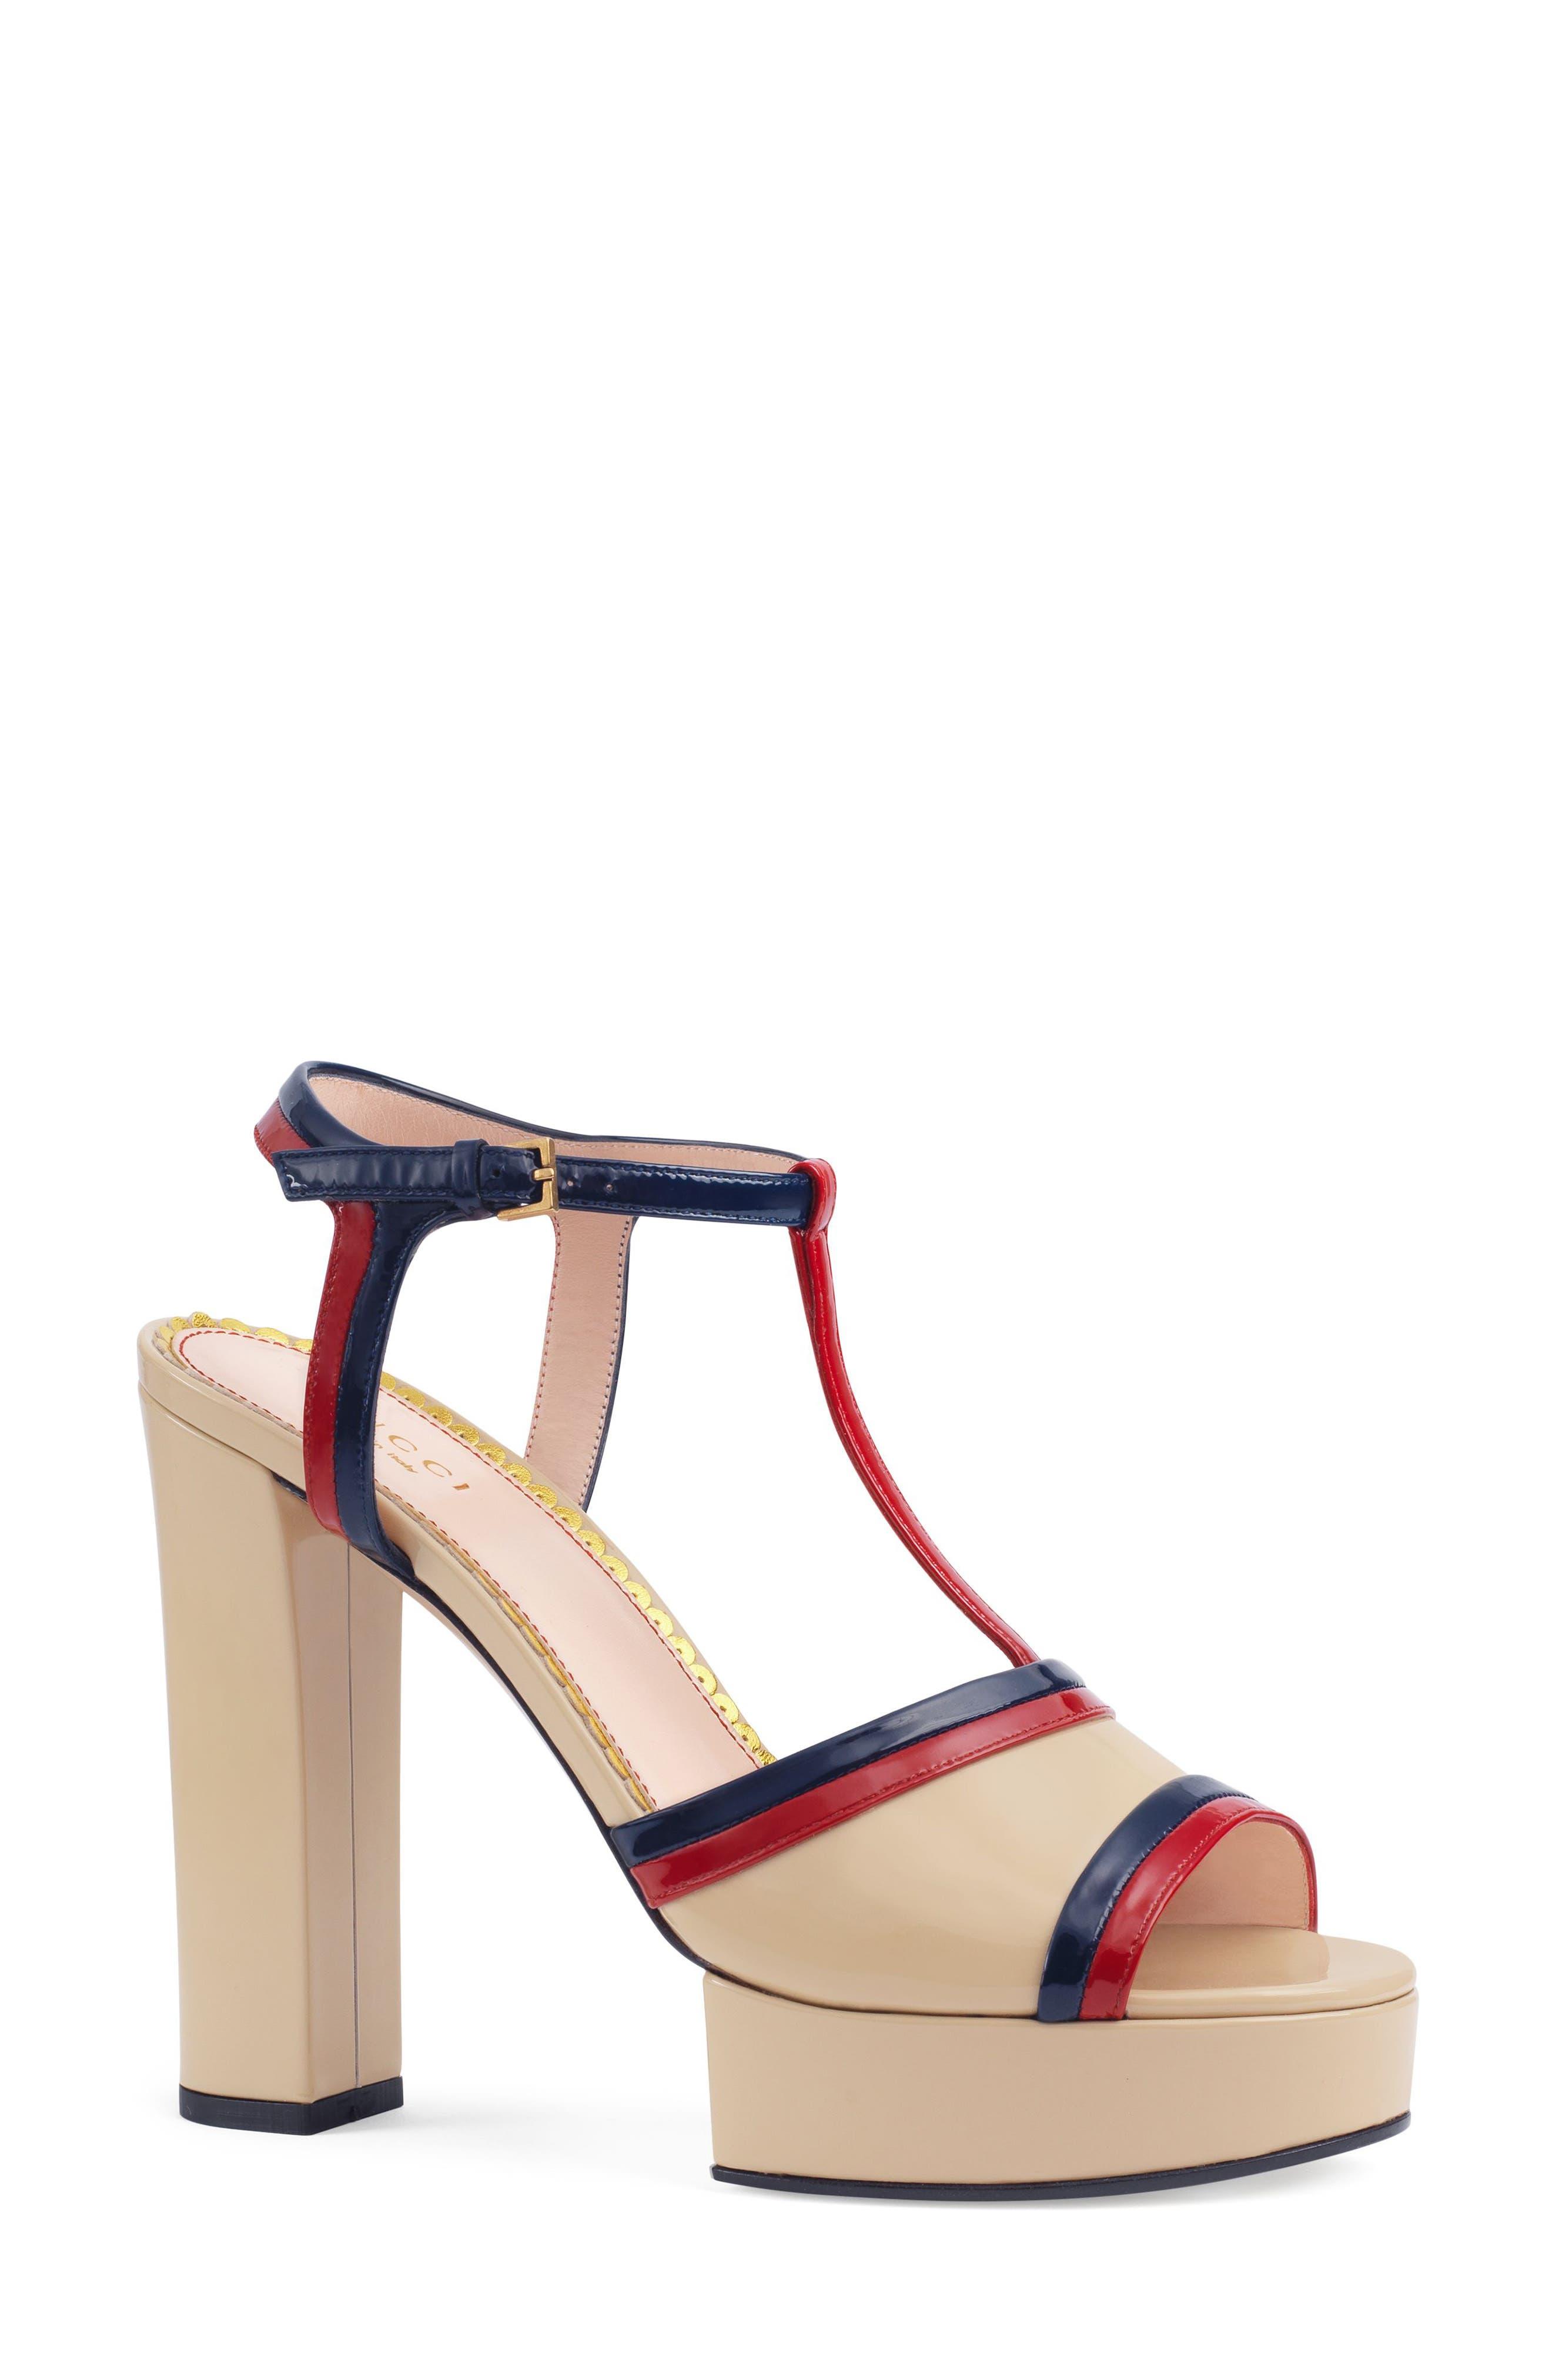 Alternate Image 1 Selected - Gucci Millie T-Strap Platform Sandal (Women)